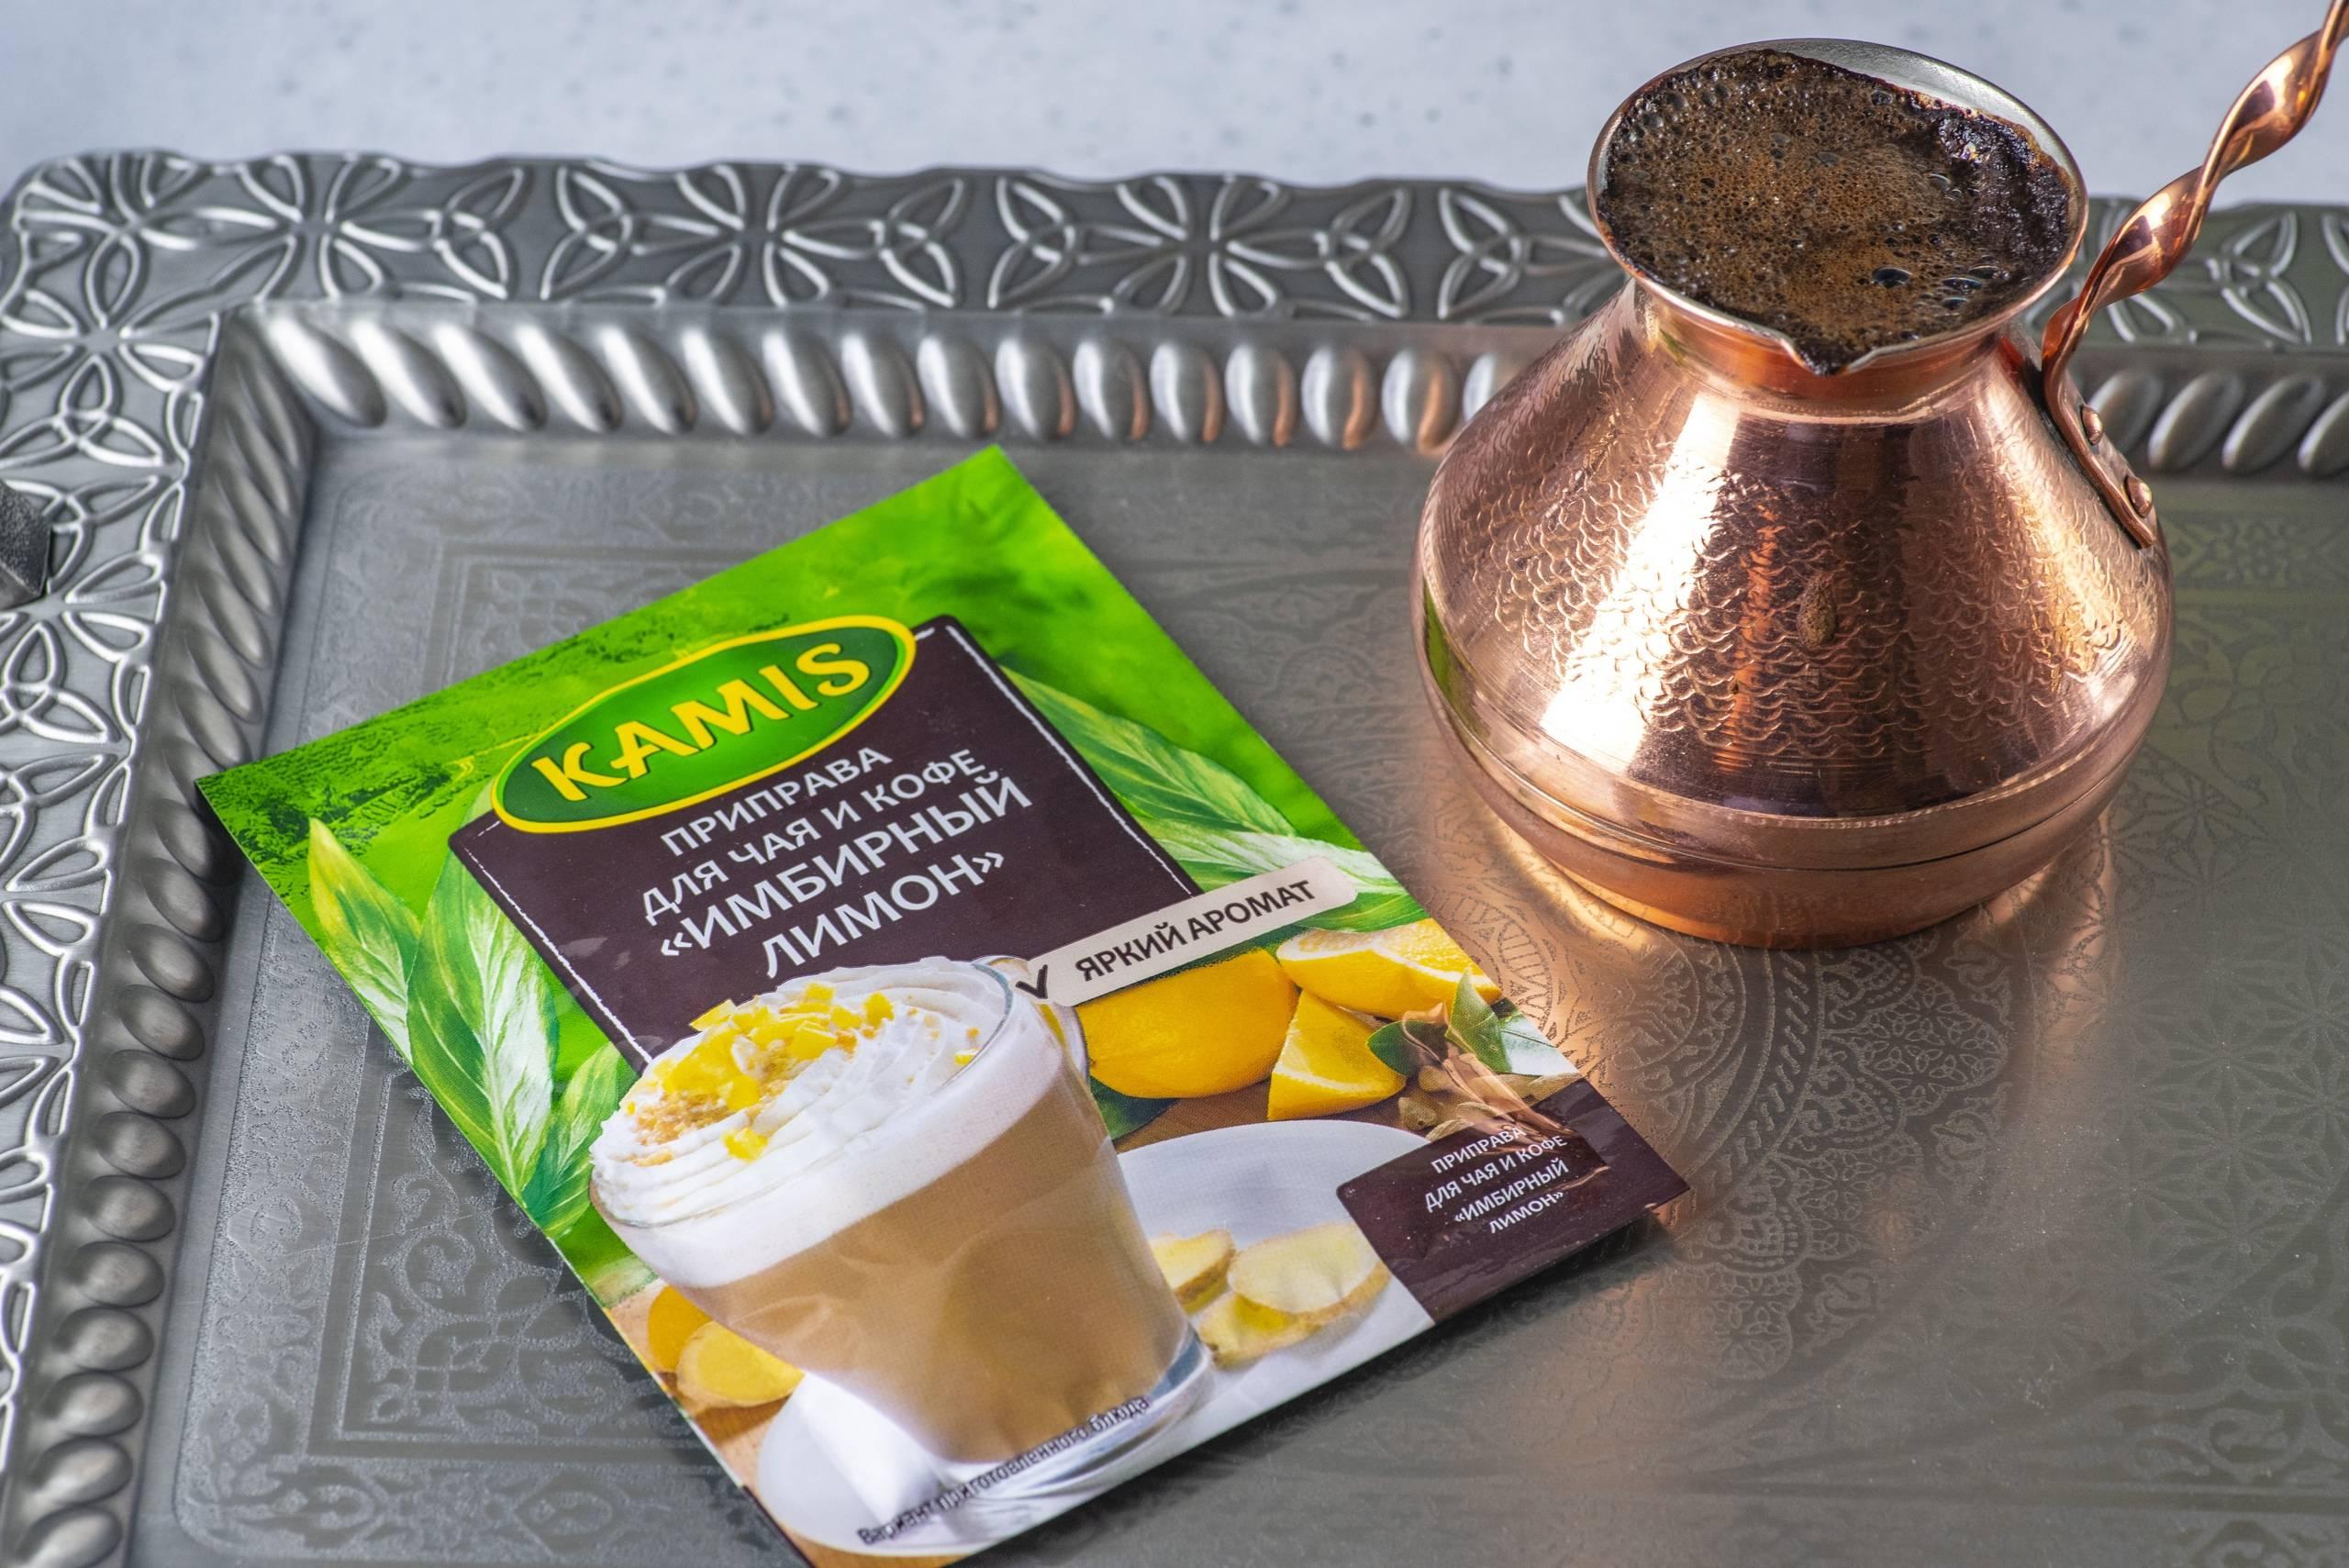 Кофе с имбирем: польза и вред, правила приготовления